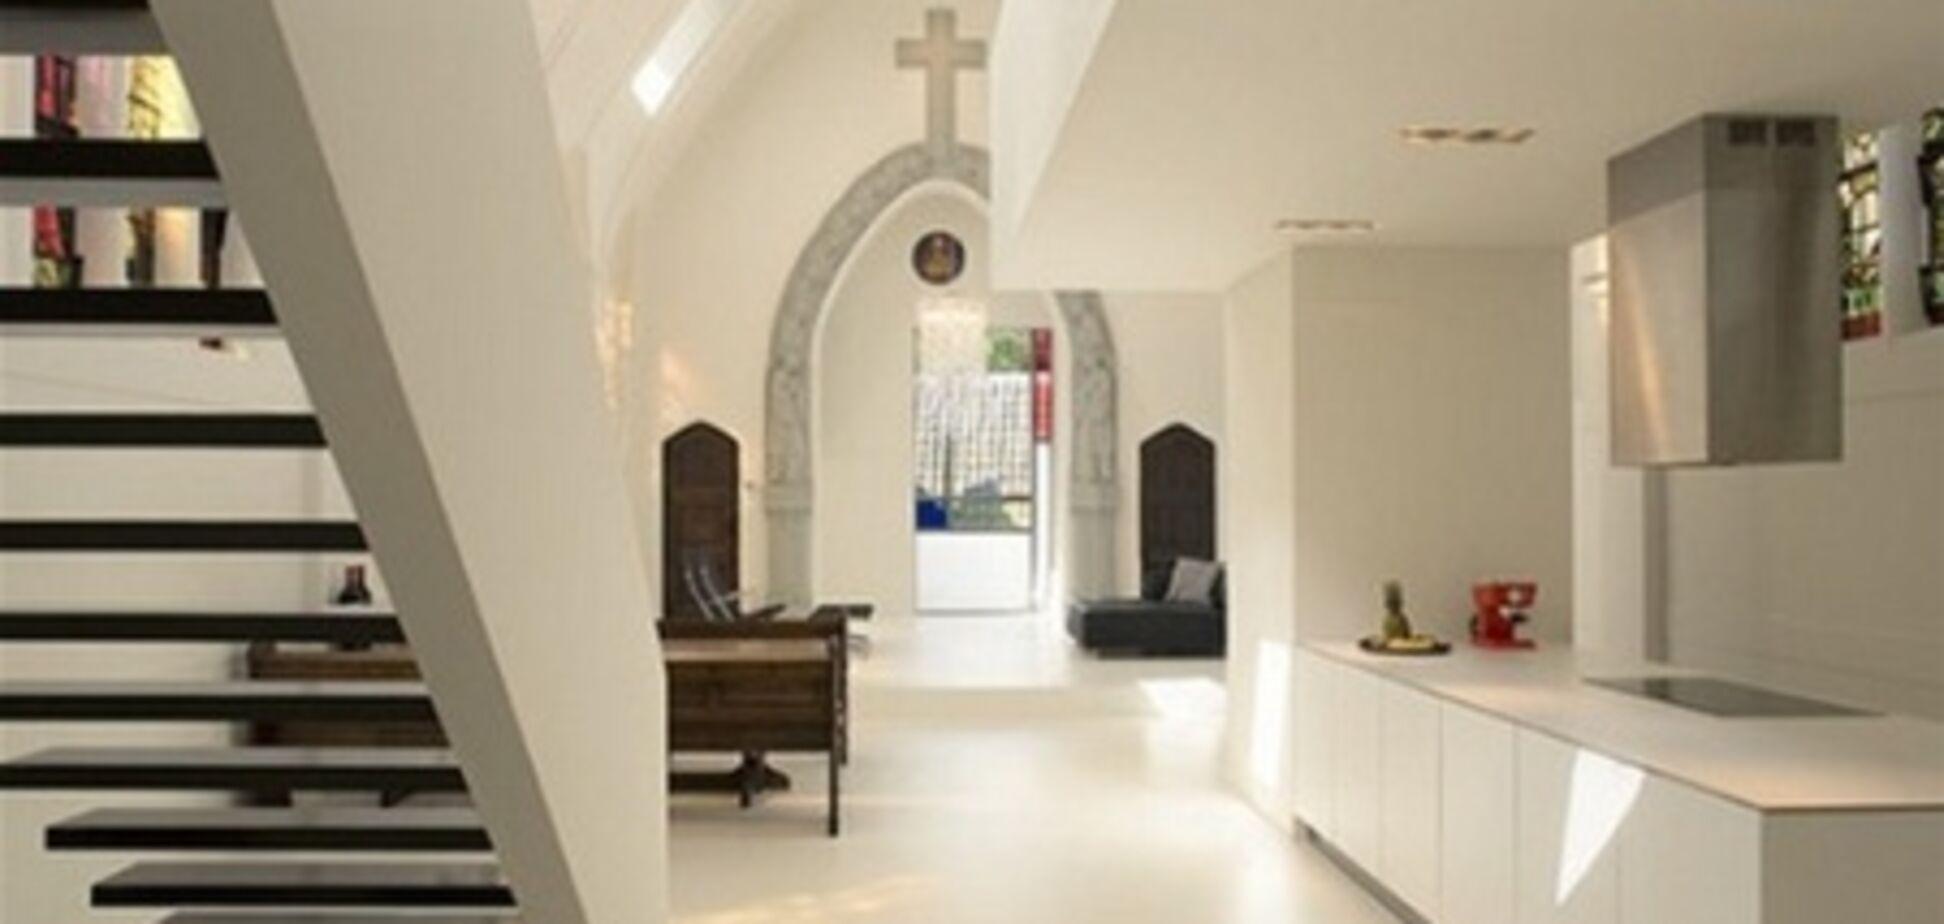 В США церкви превращают в многоквартирные дома